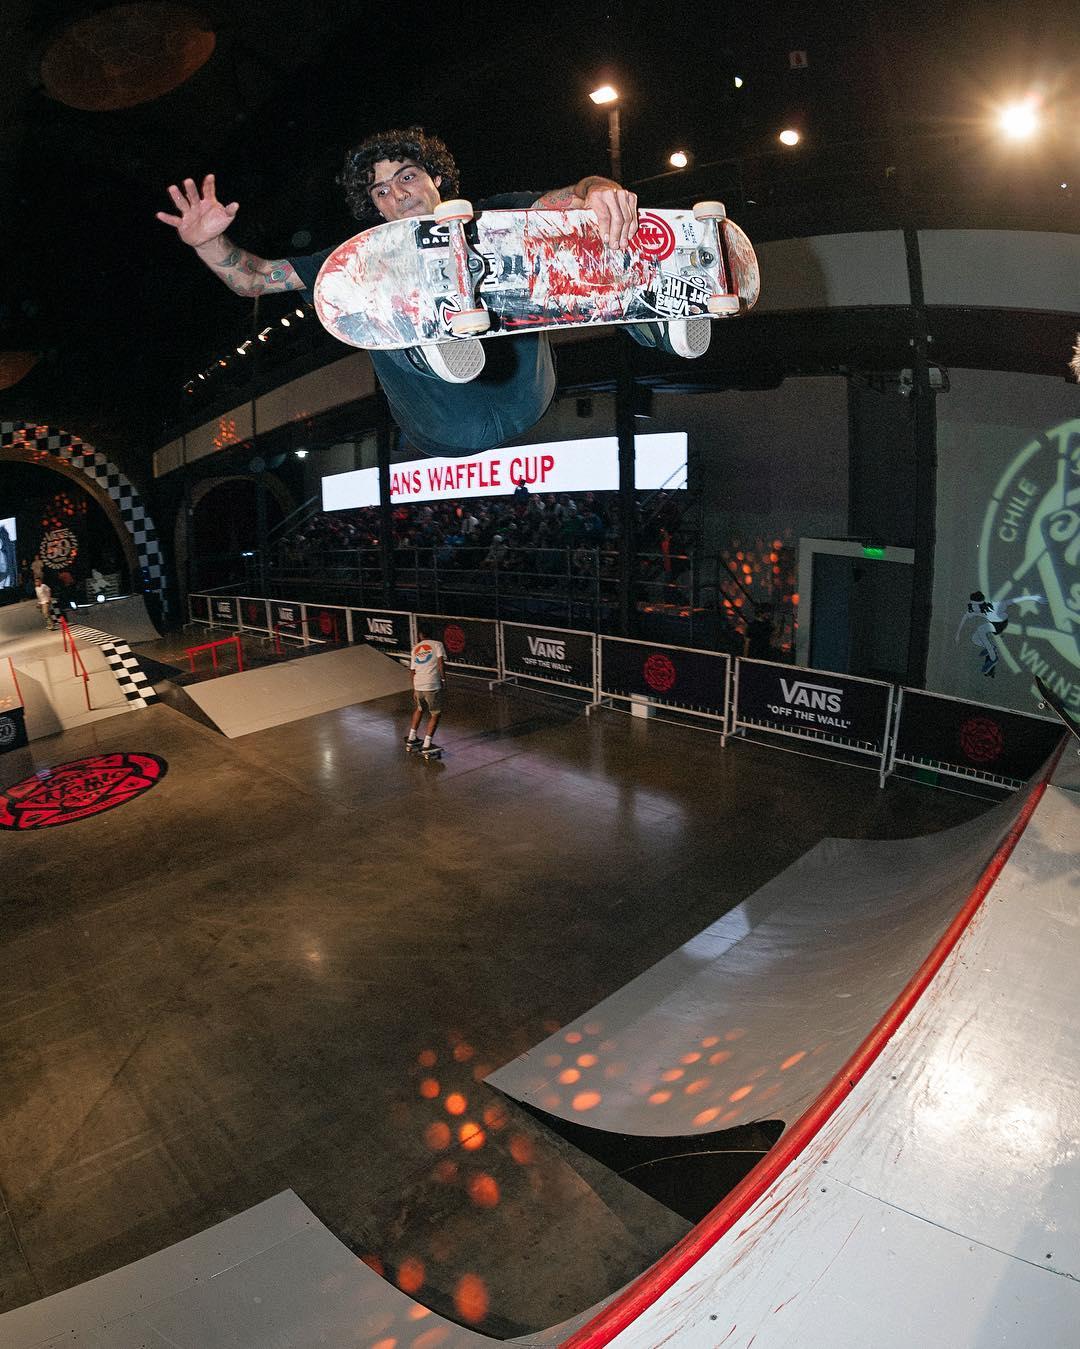 @dariomattarollo quedó tercero en la final del #VansWaffleCup de ayer. El Chino @sandromoral se coronó campeón y @jhankgonzalez1 terminó en el segundo lugar. Felicitaciones a todos, altísimo nivel de skateboarding.